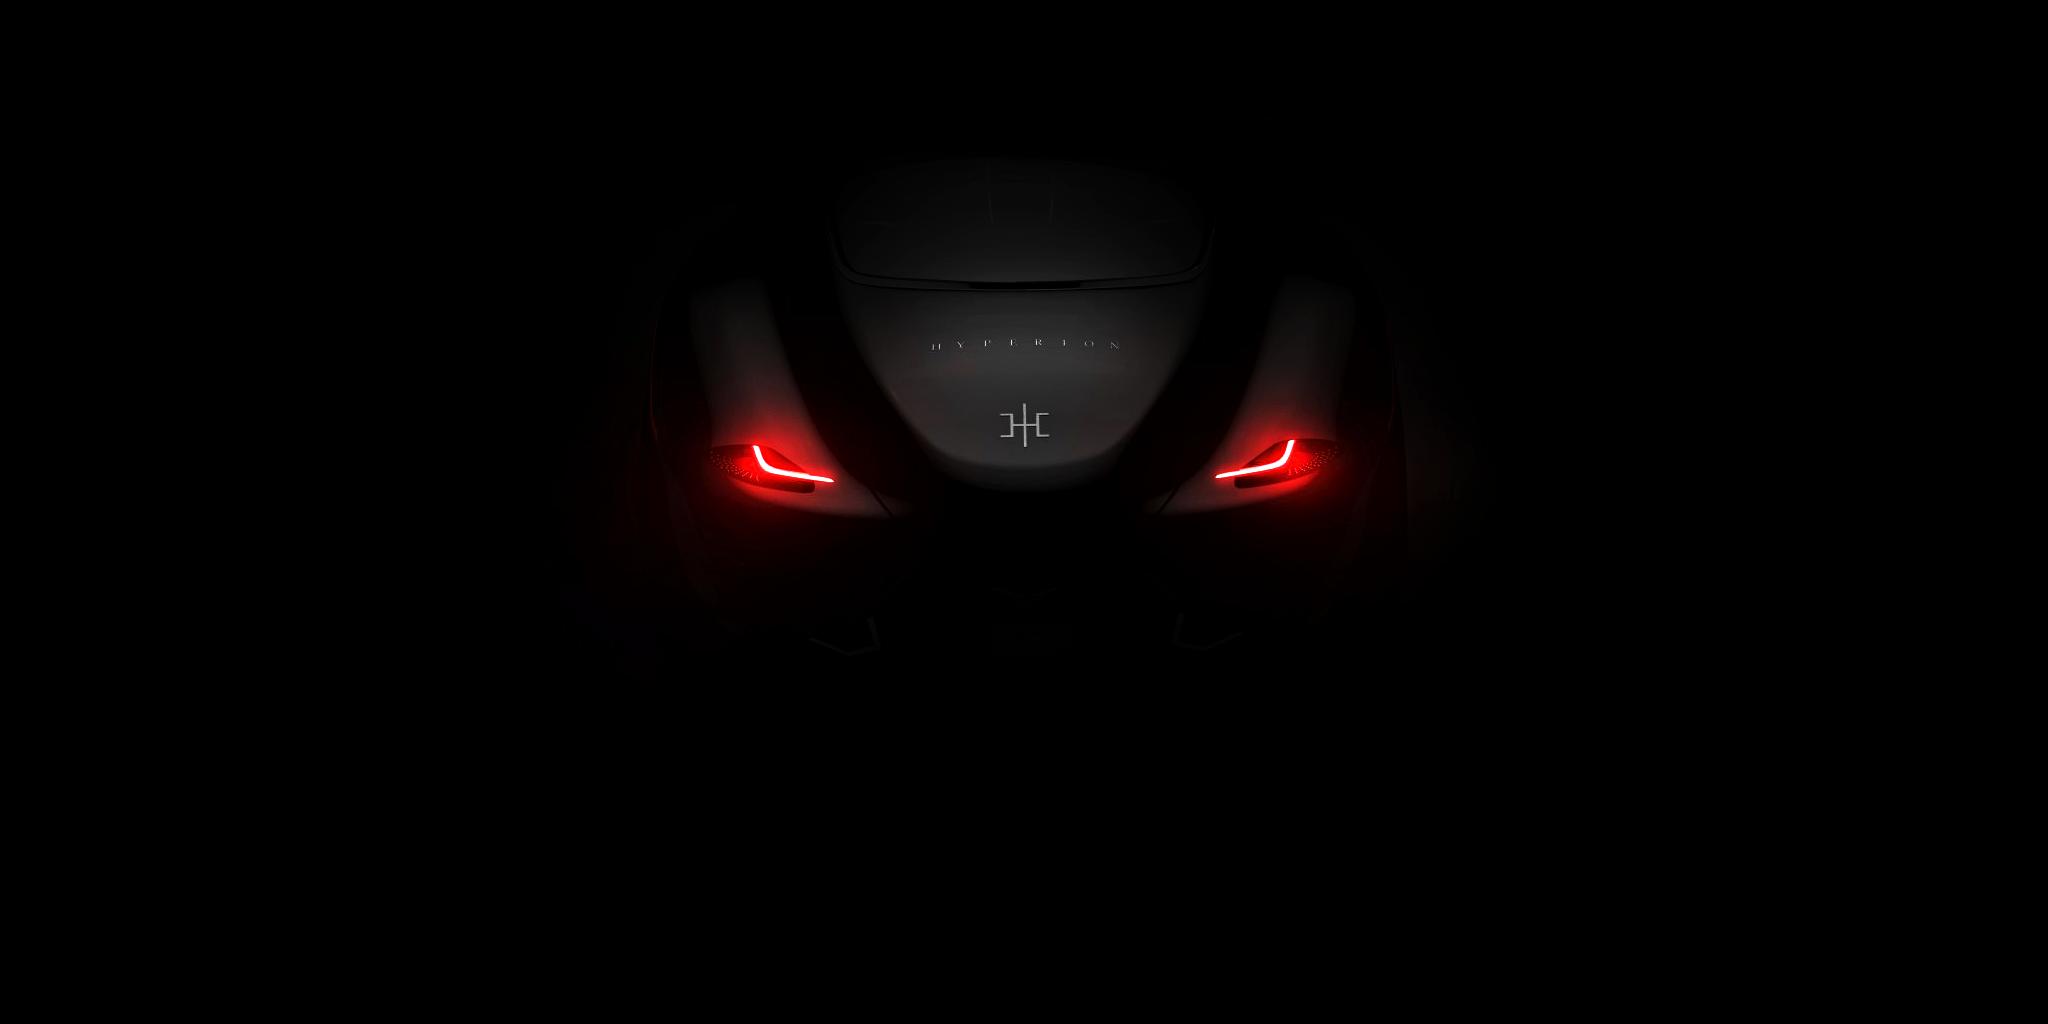 或将采用氢能源 Hyperion发新车预告图